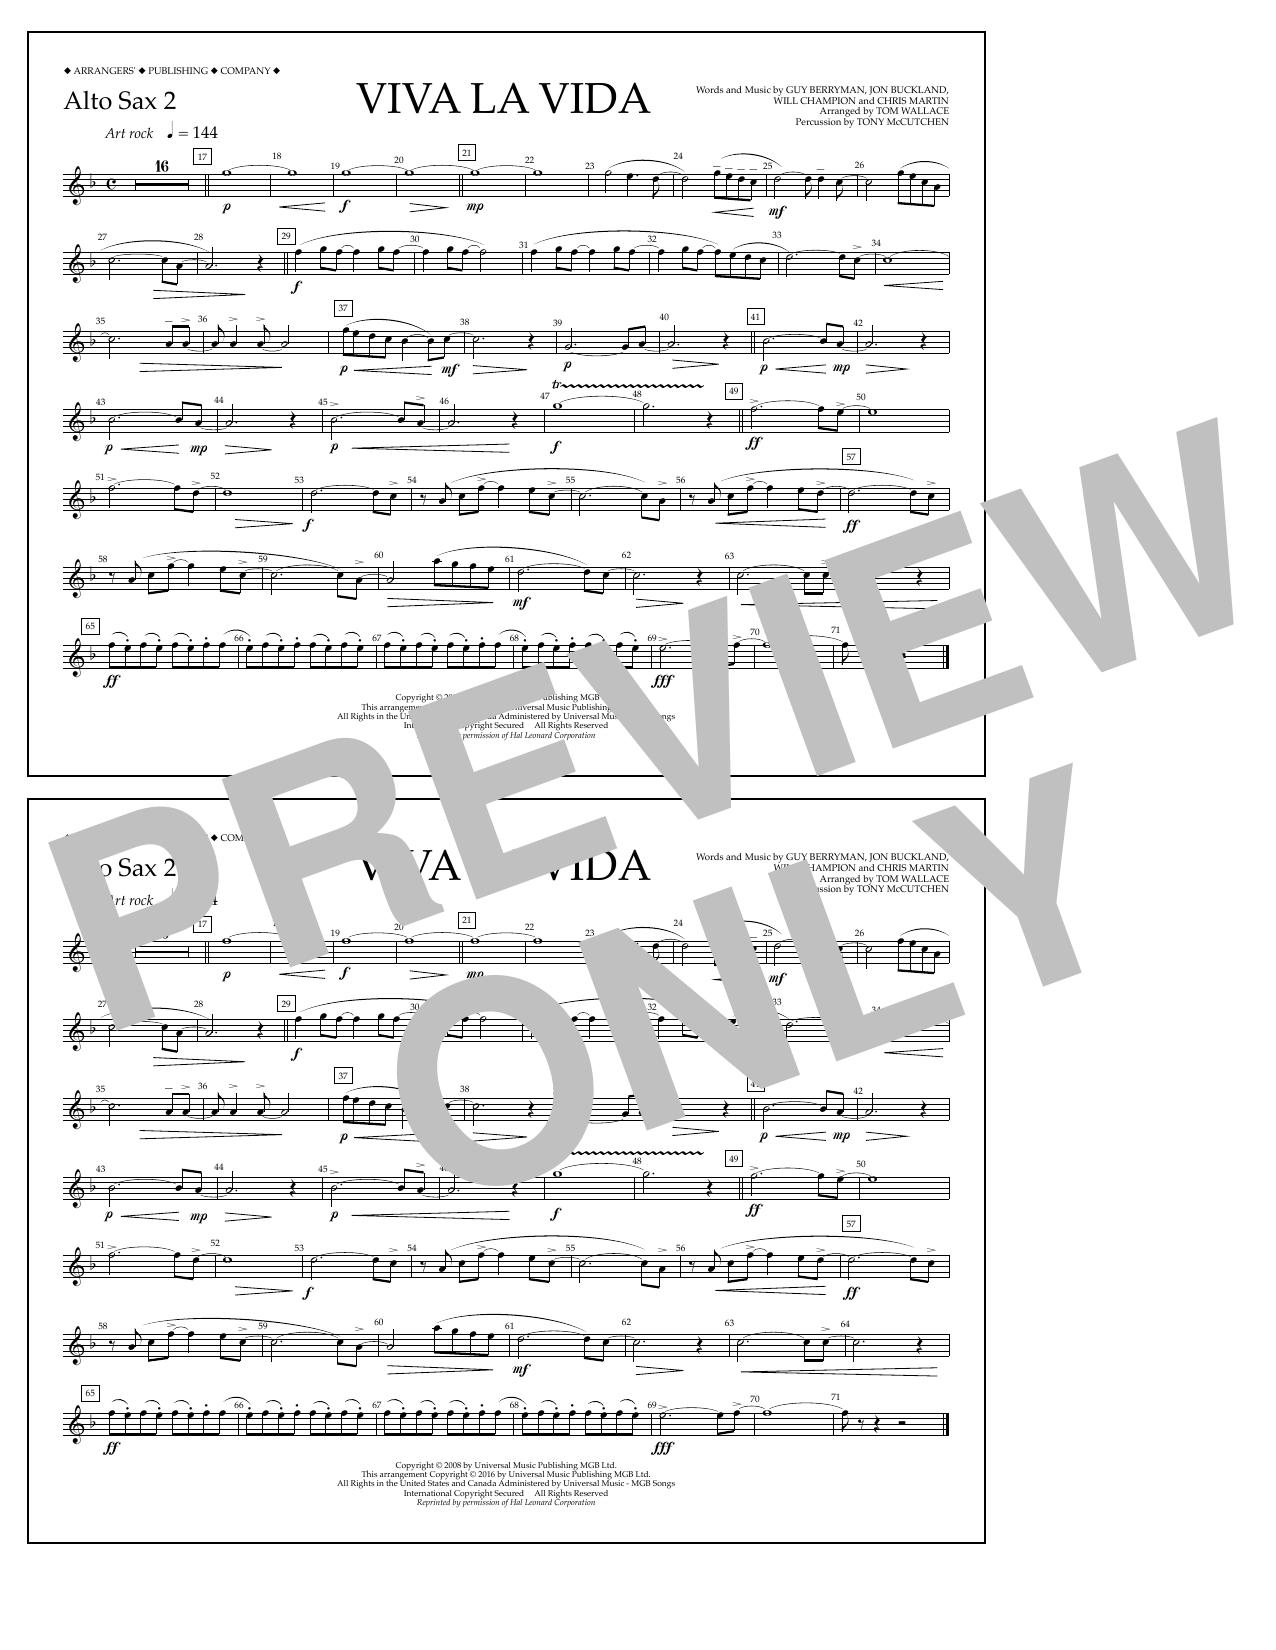 Coldplay - Viva La Vida - Alto Sax 2